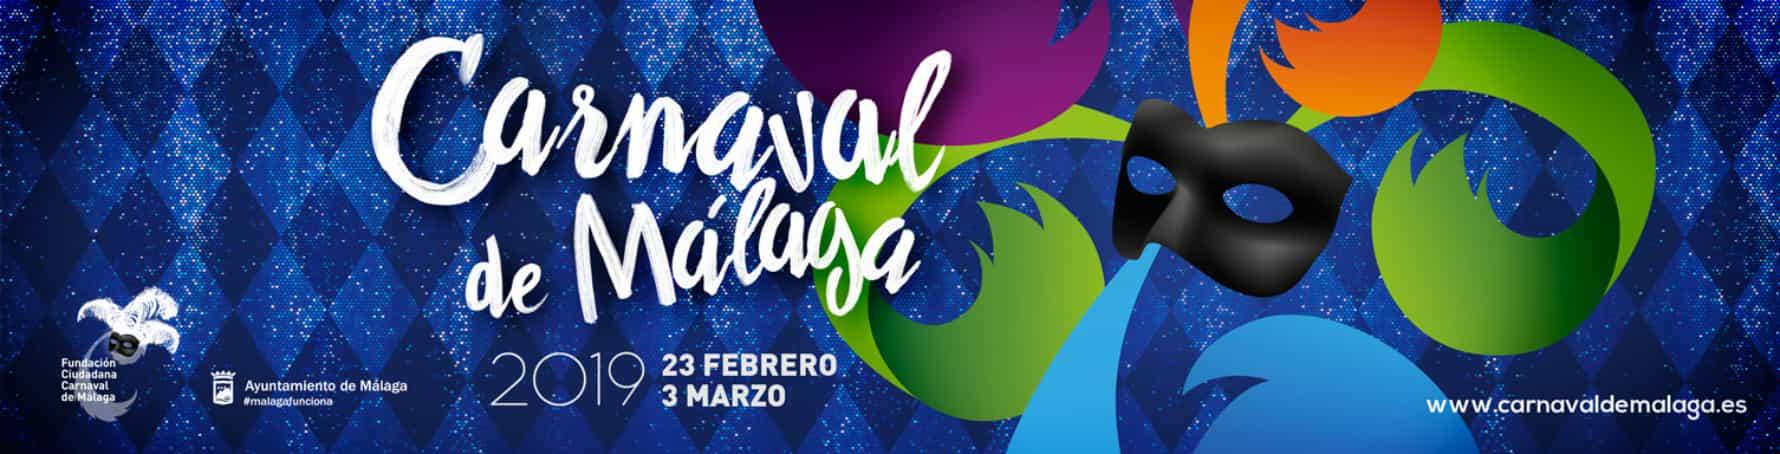 Calendario Coac 2019.Fechas Del Carnaval De Malaga 2019 Agenda De Dias Destacados